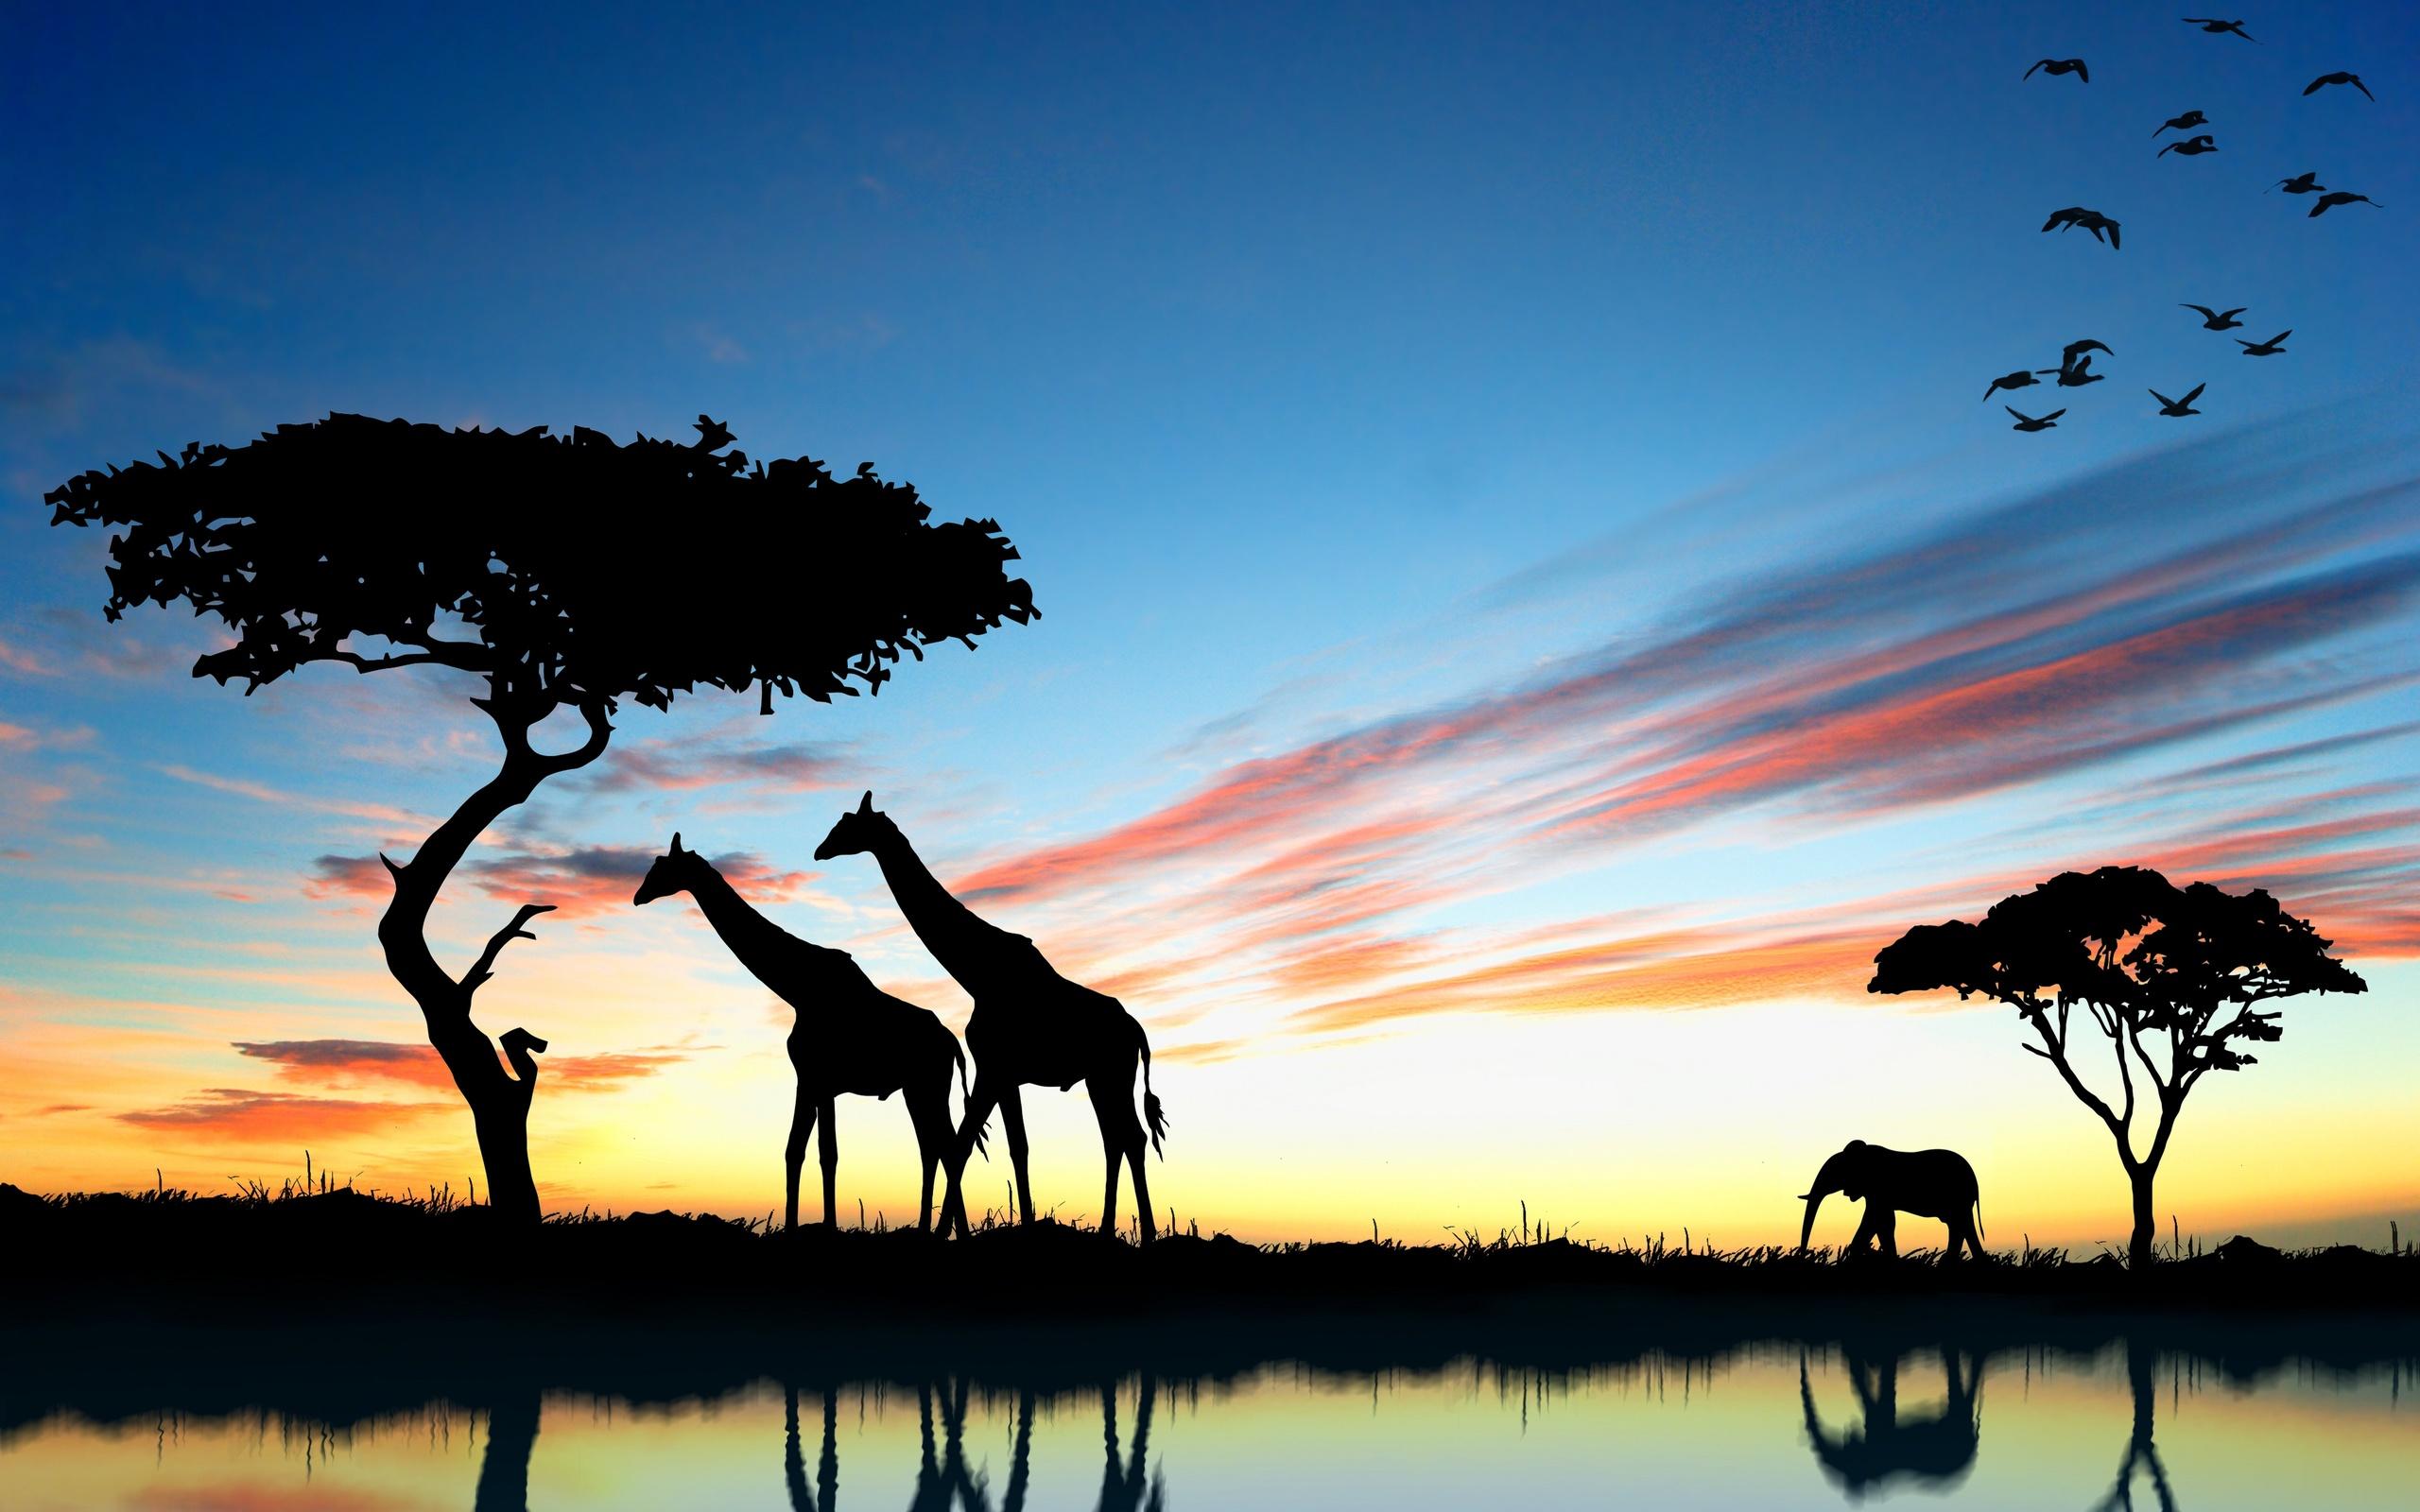 красивые картинки африка